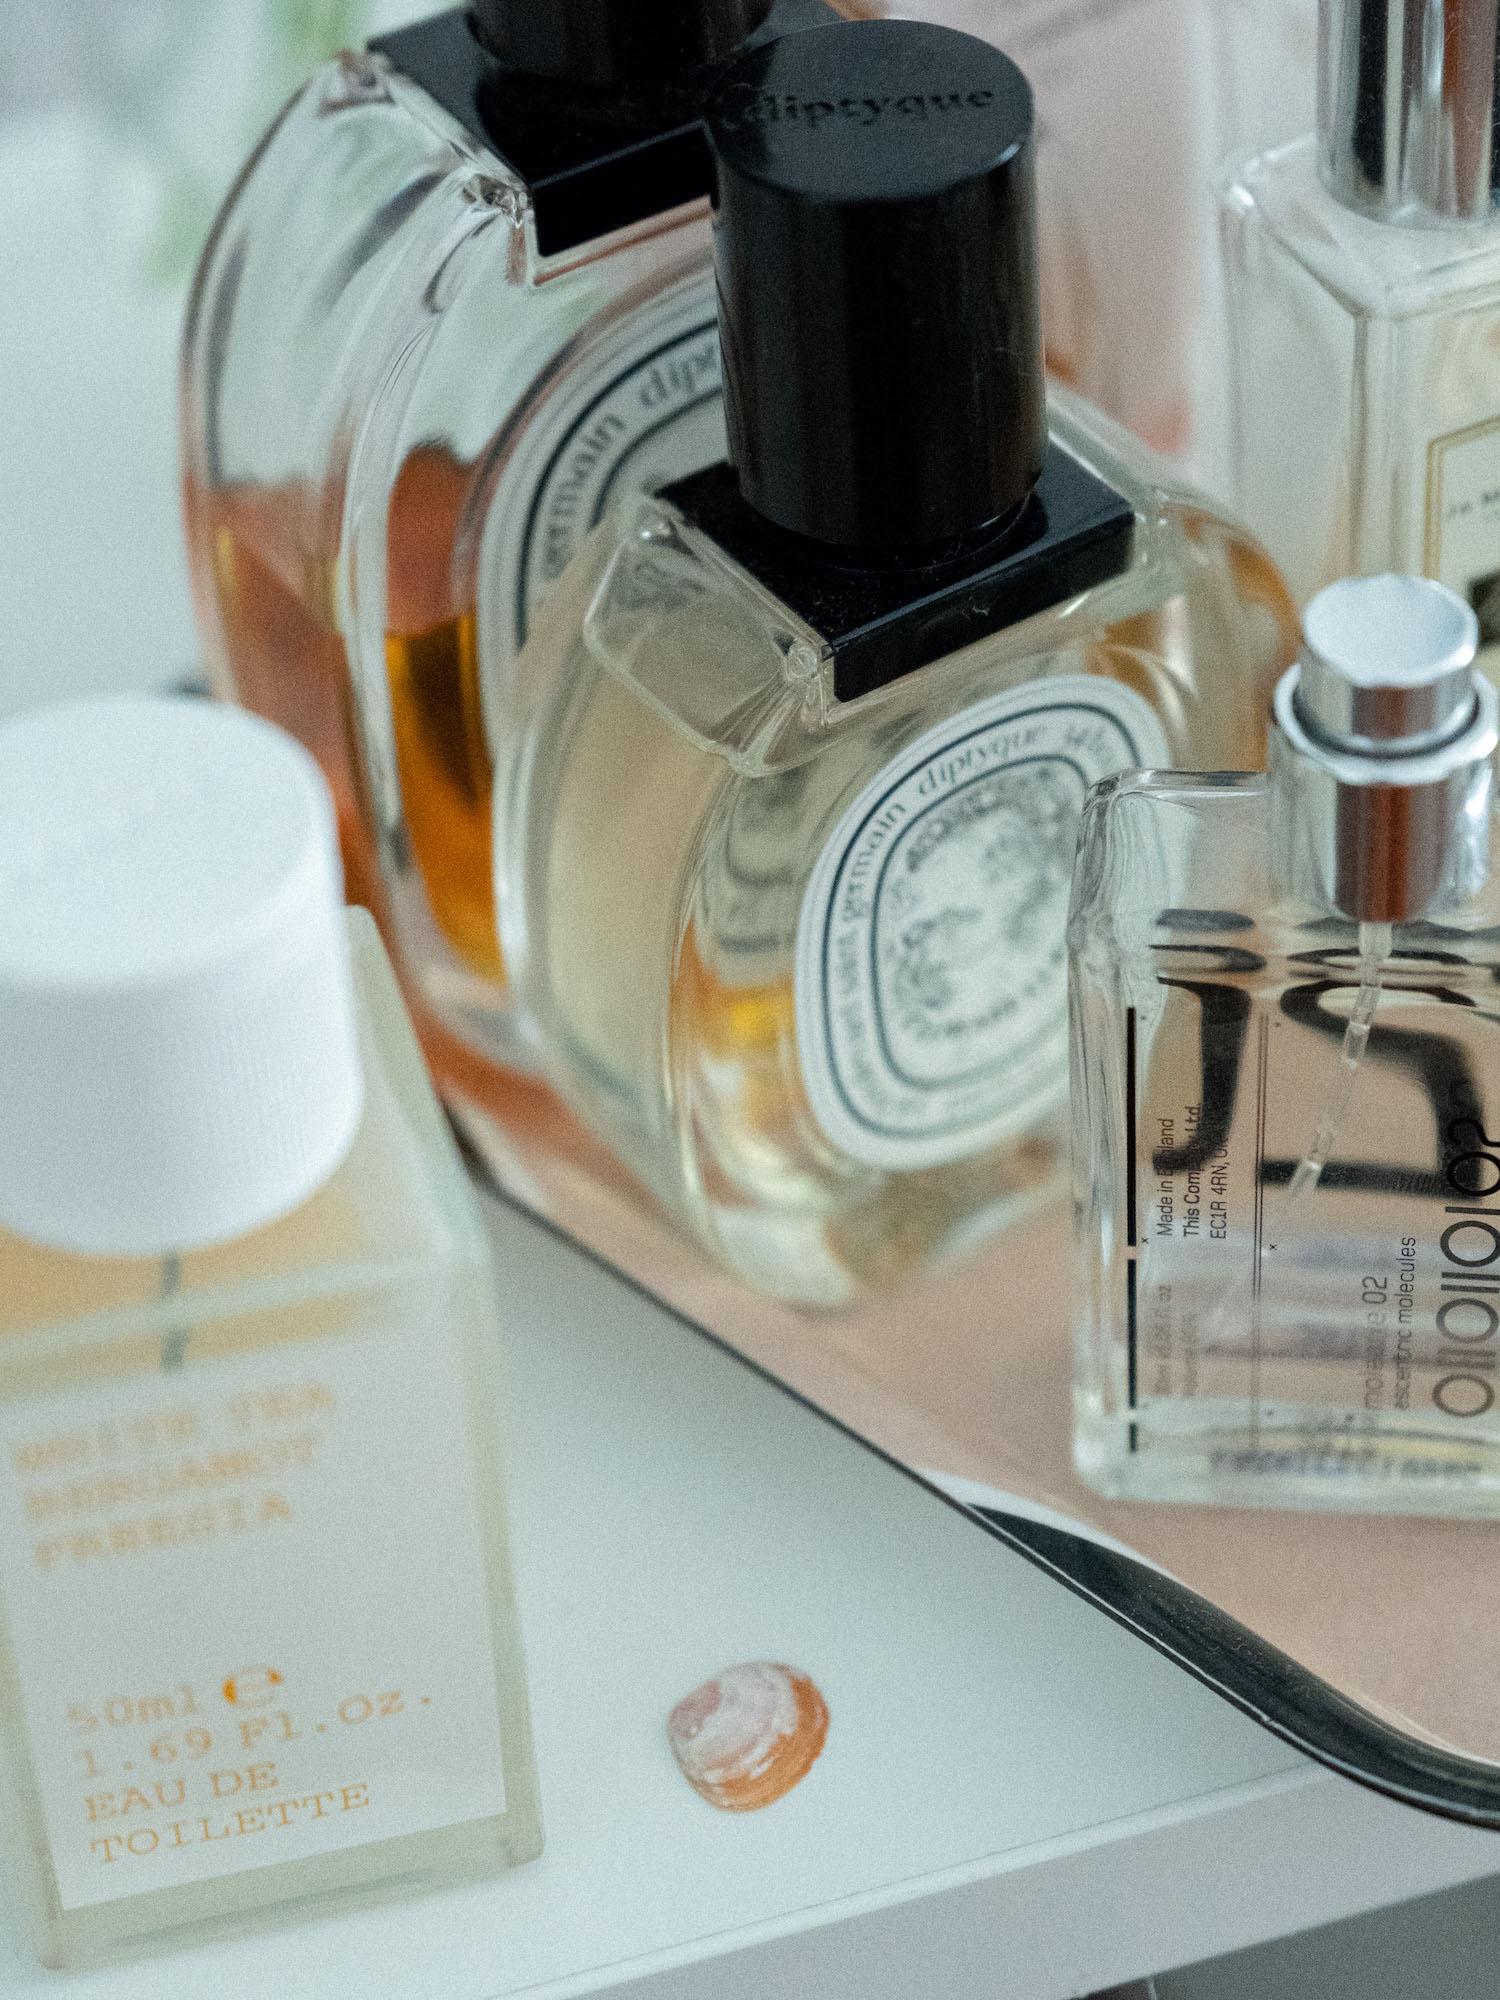 Beautyblog Sarah Khurshid Parfum Diptyque